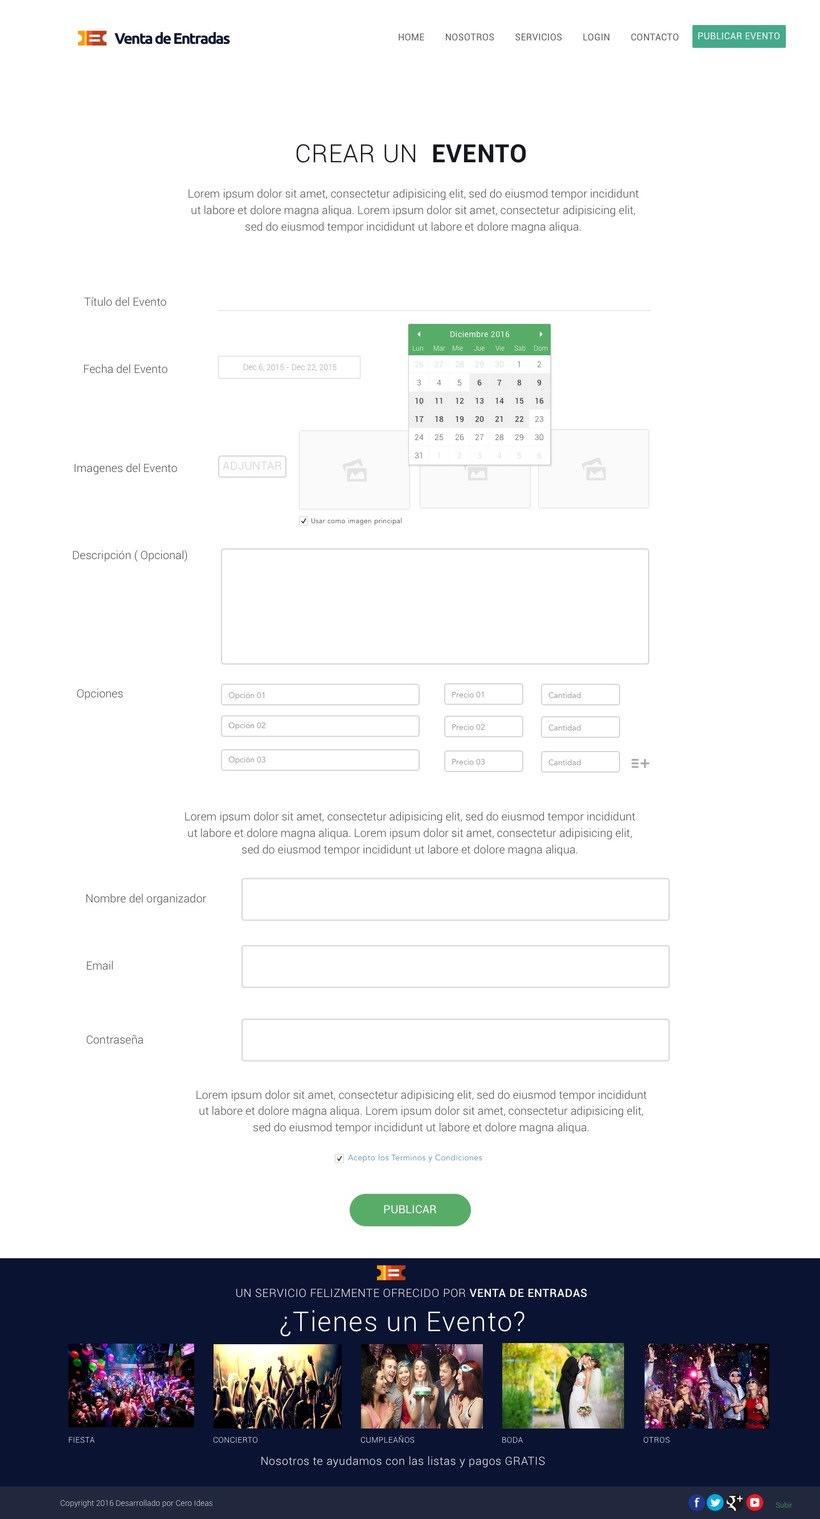 Diseño y desarrollo web para la web: Venta de Entradas 1